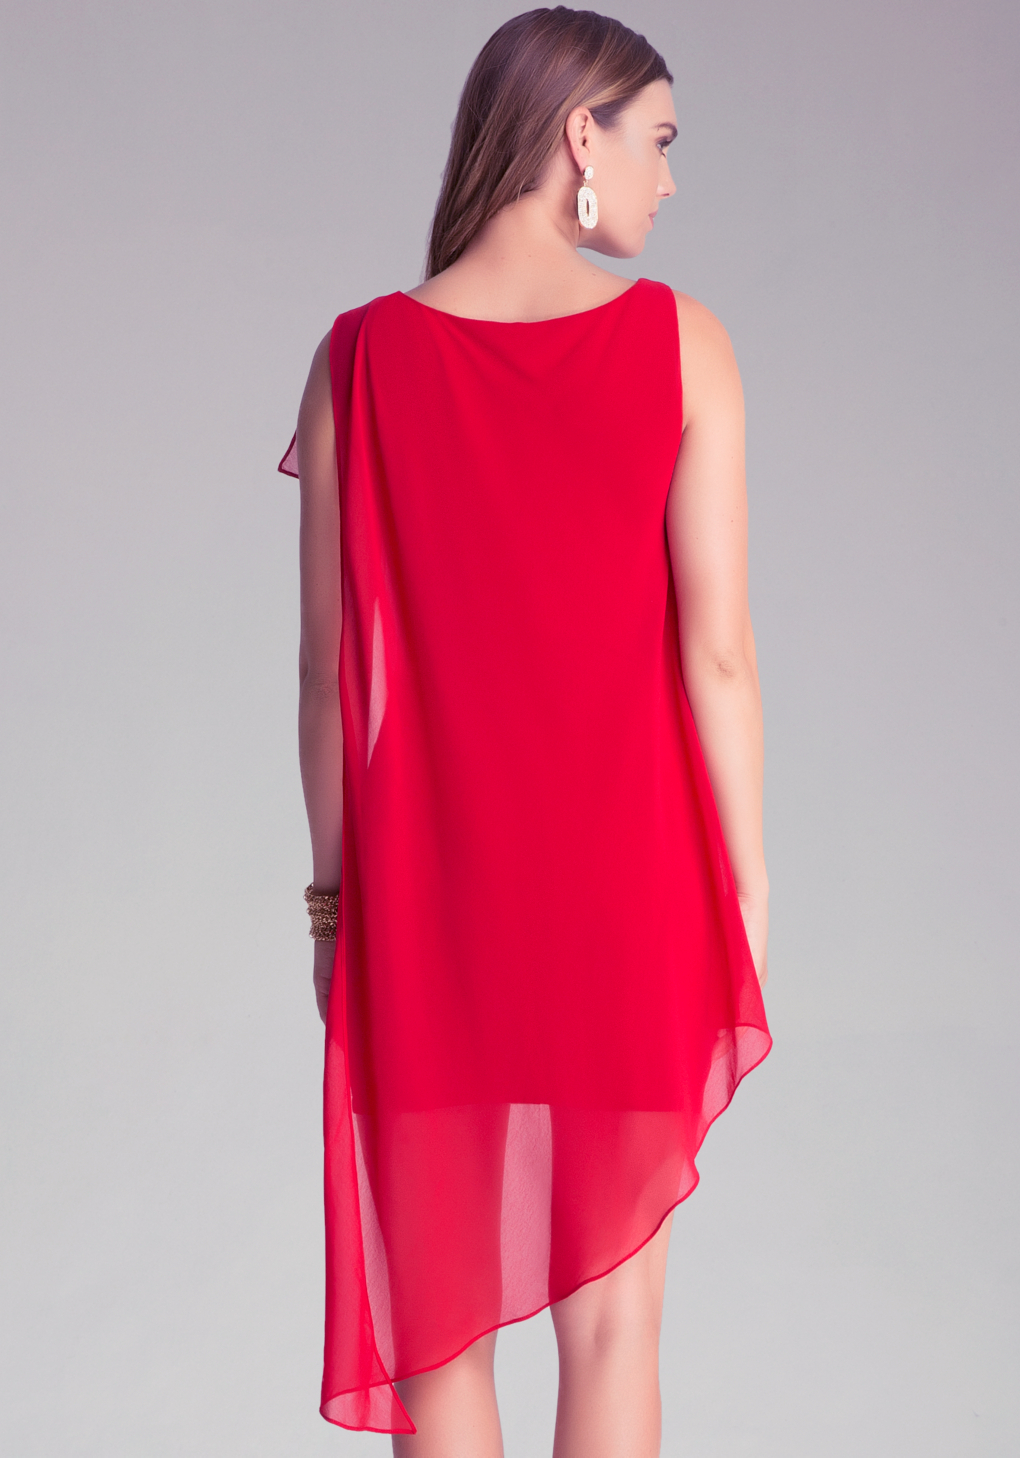 Lyst Bebe Asymmetric Drape Dress In Red